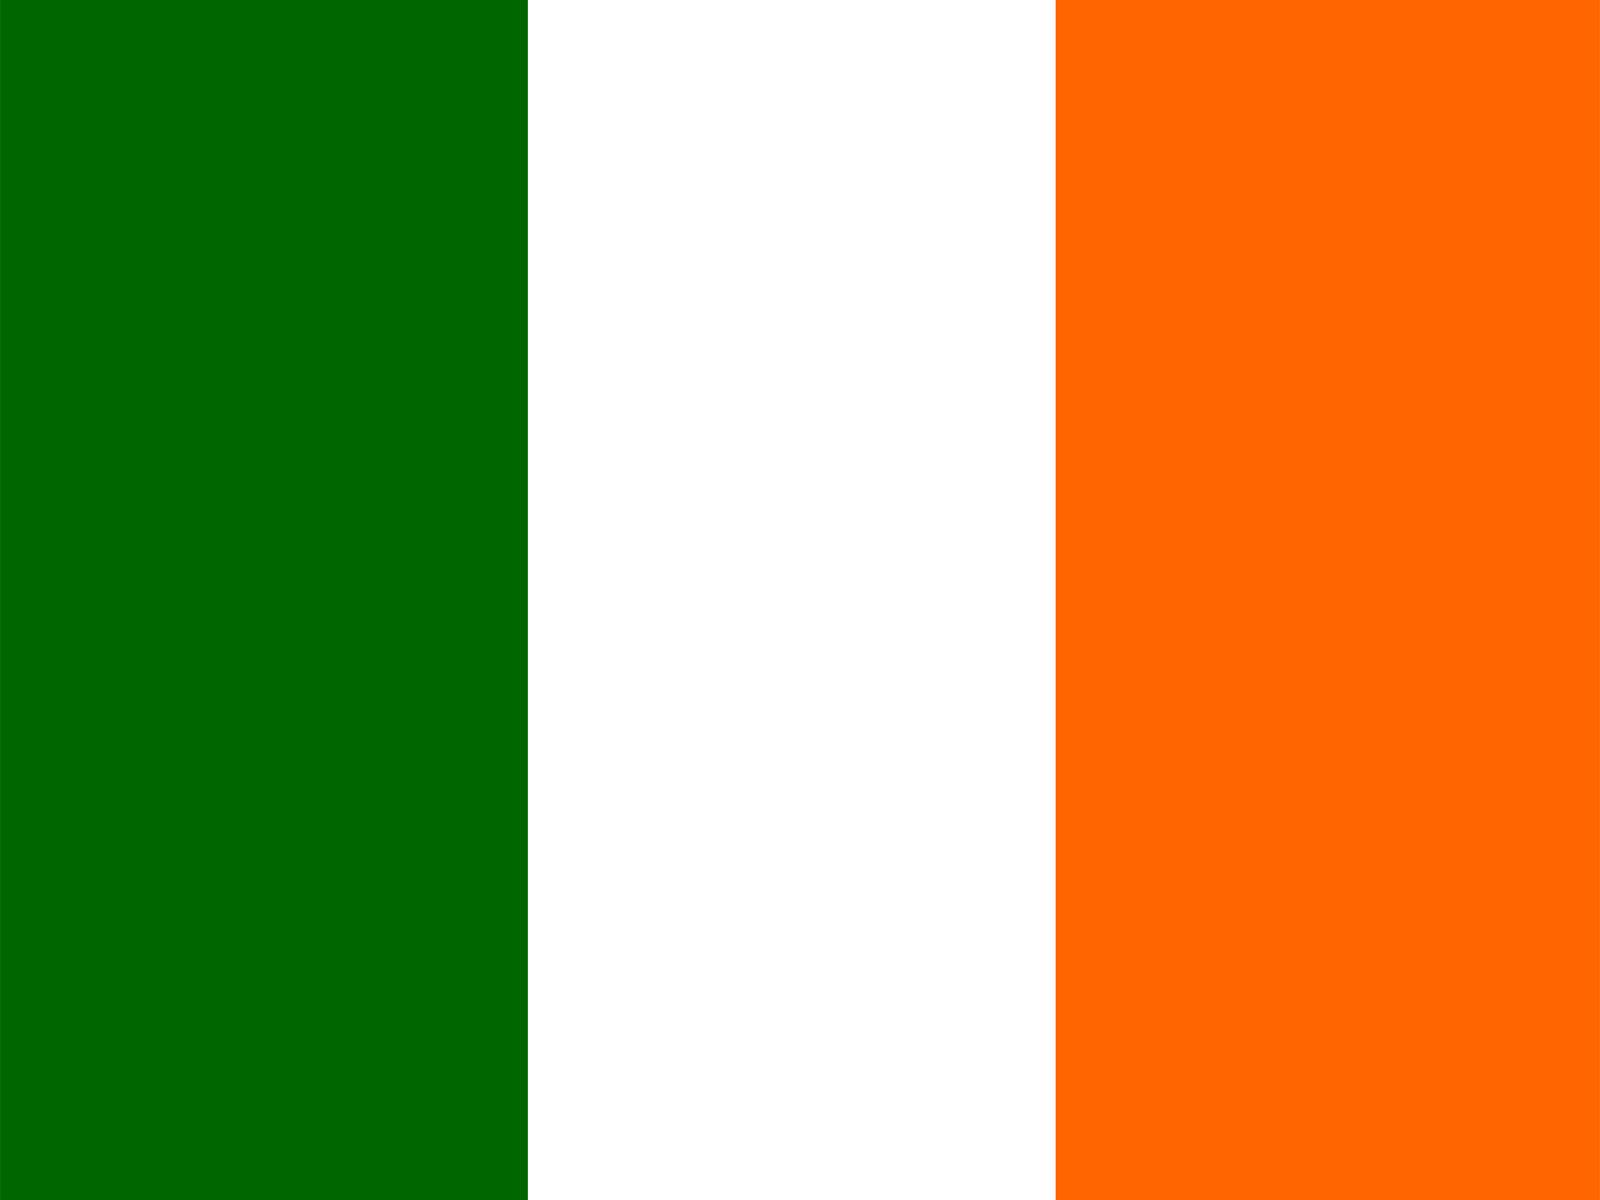 Flagge Irland Hintergrundbilder